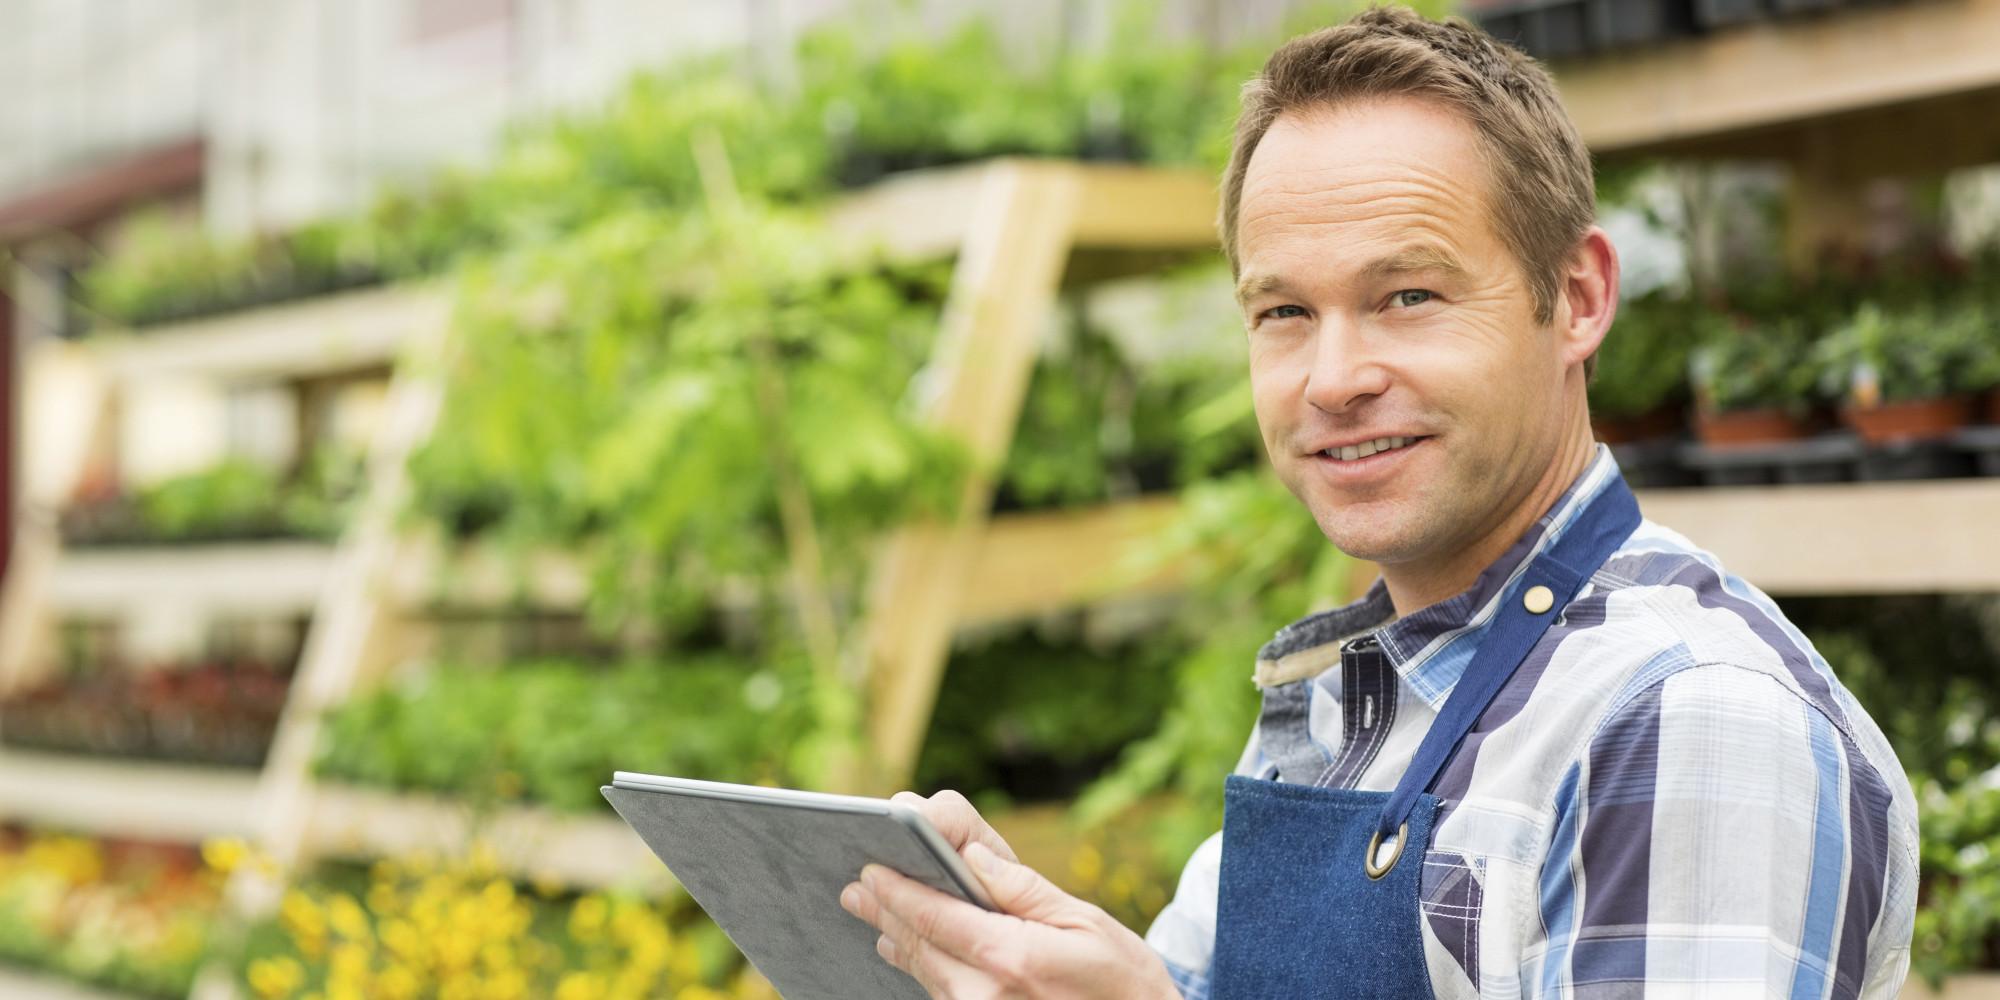 Male Garden Worker Using Digital Tablet